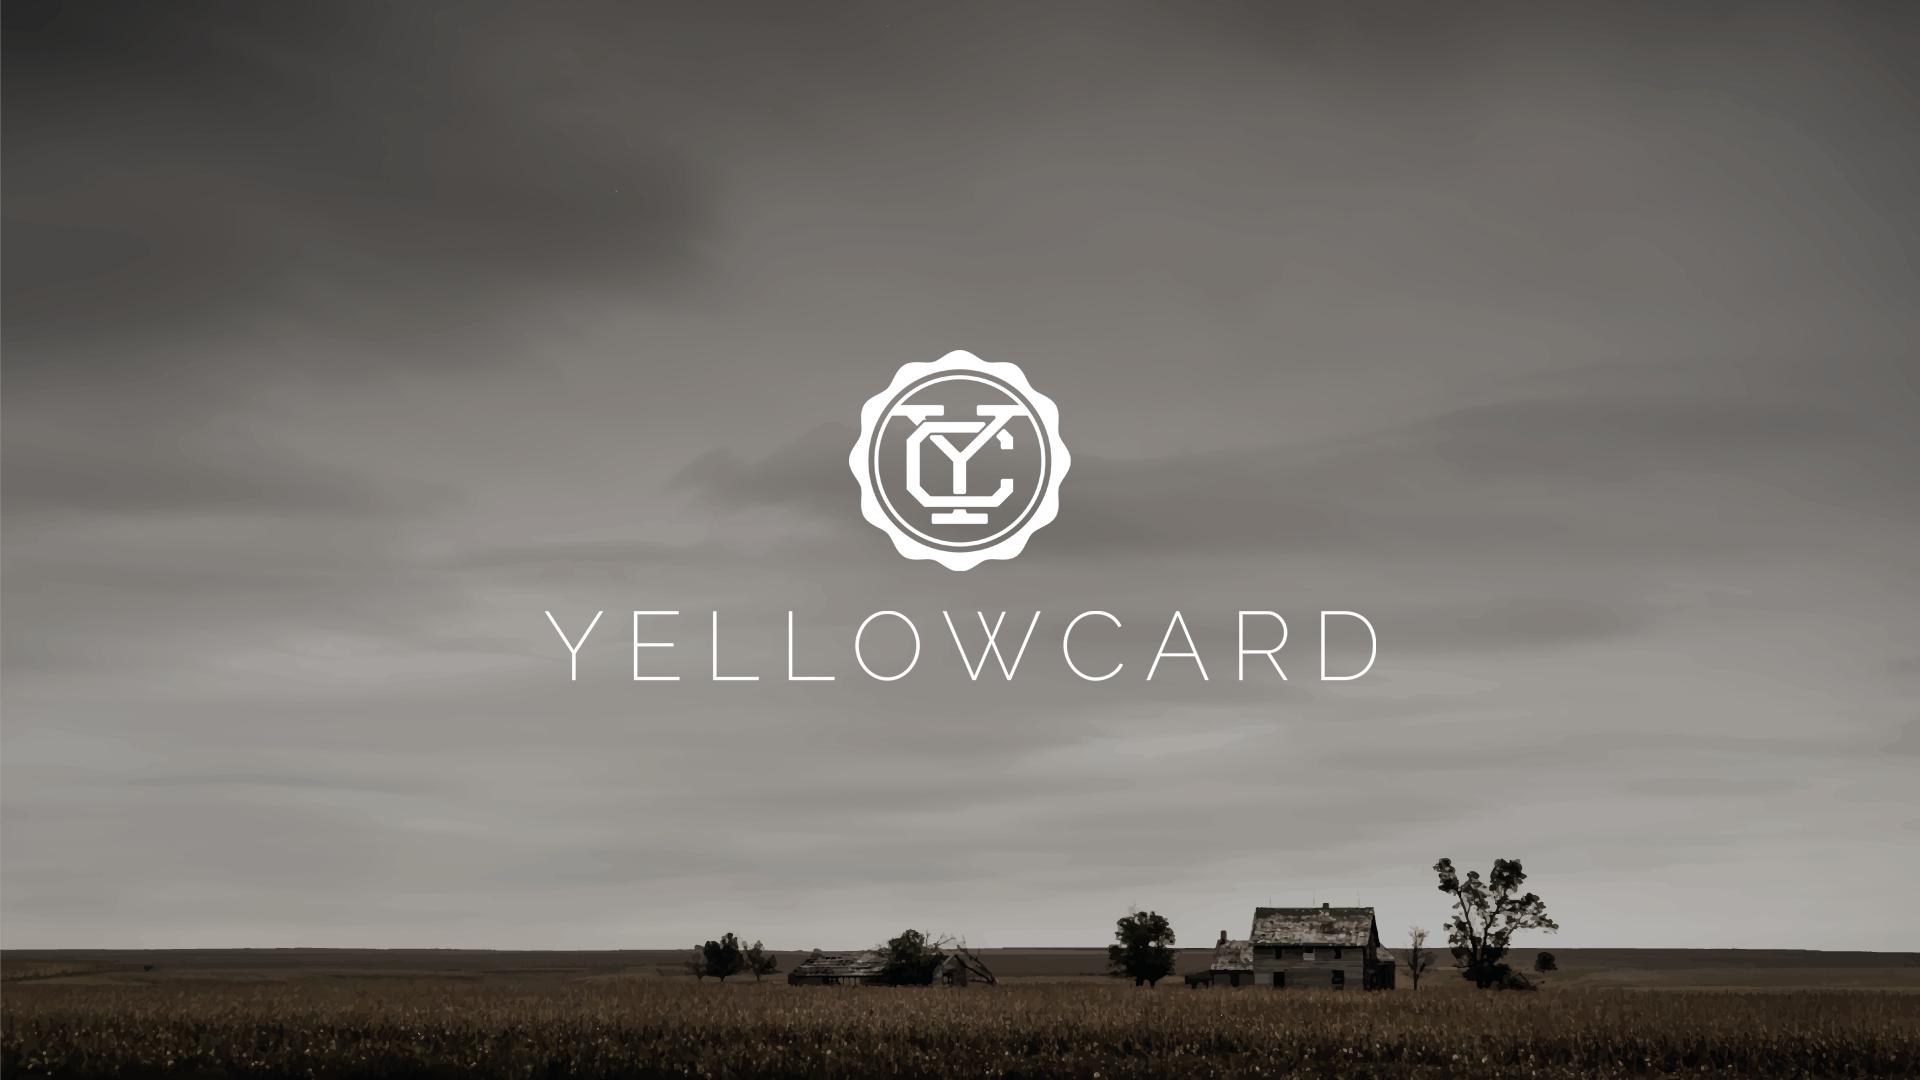 Футболка yellowcard #1 (женская)